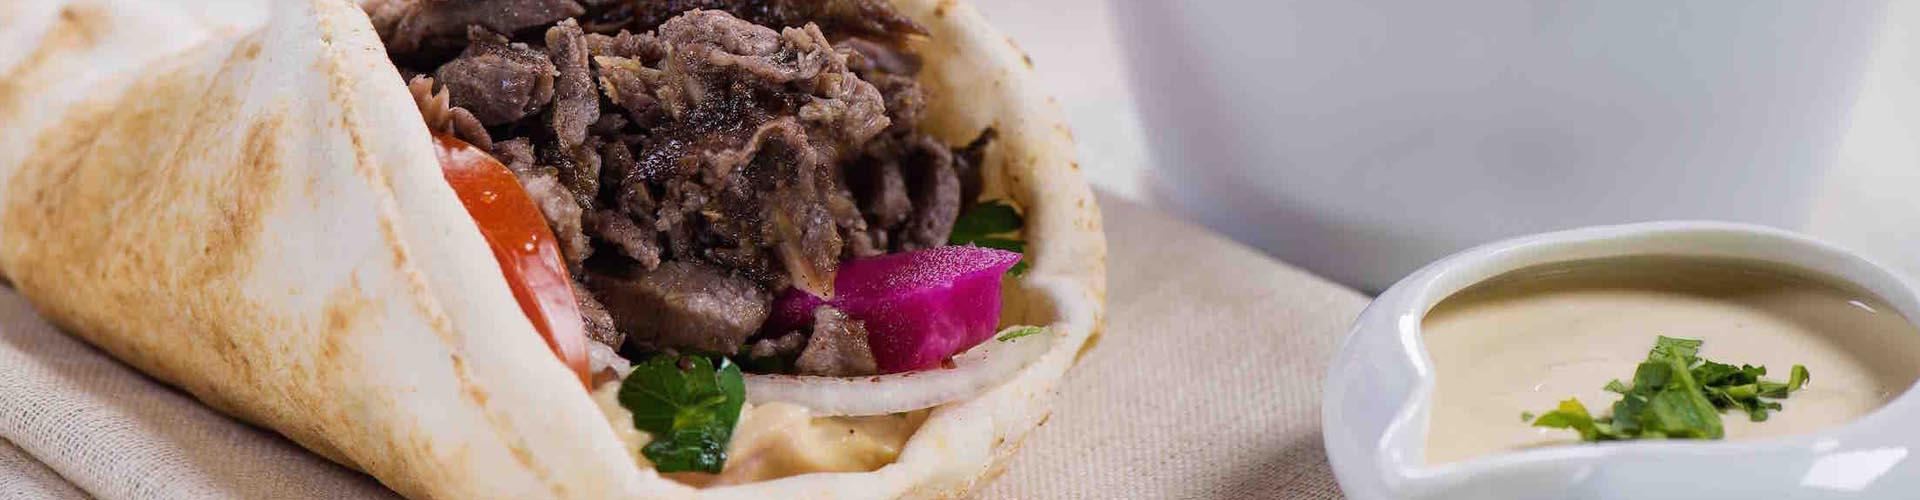 Amir accueil - Cuisine libanaise montreal ...